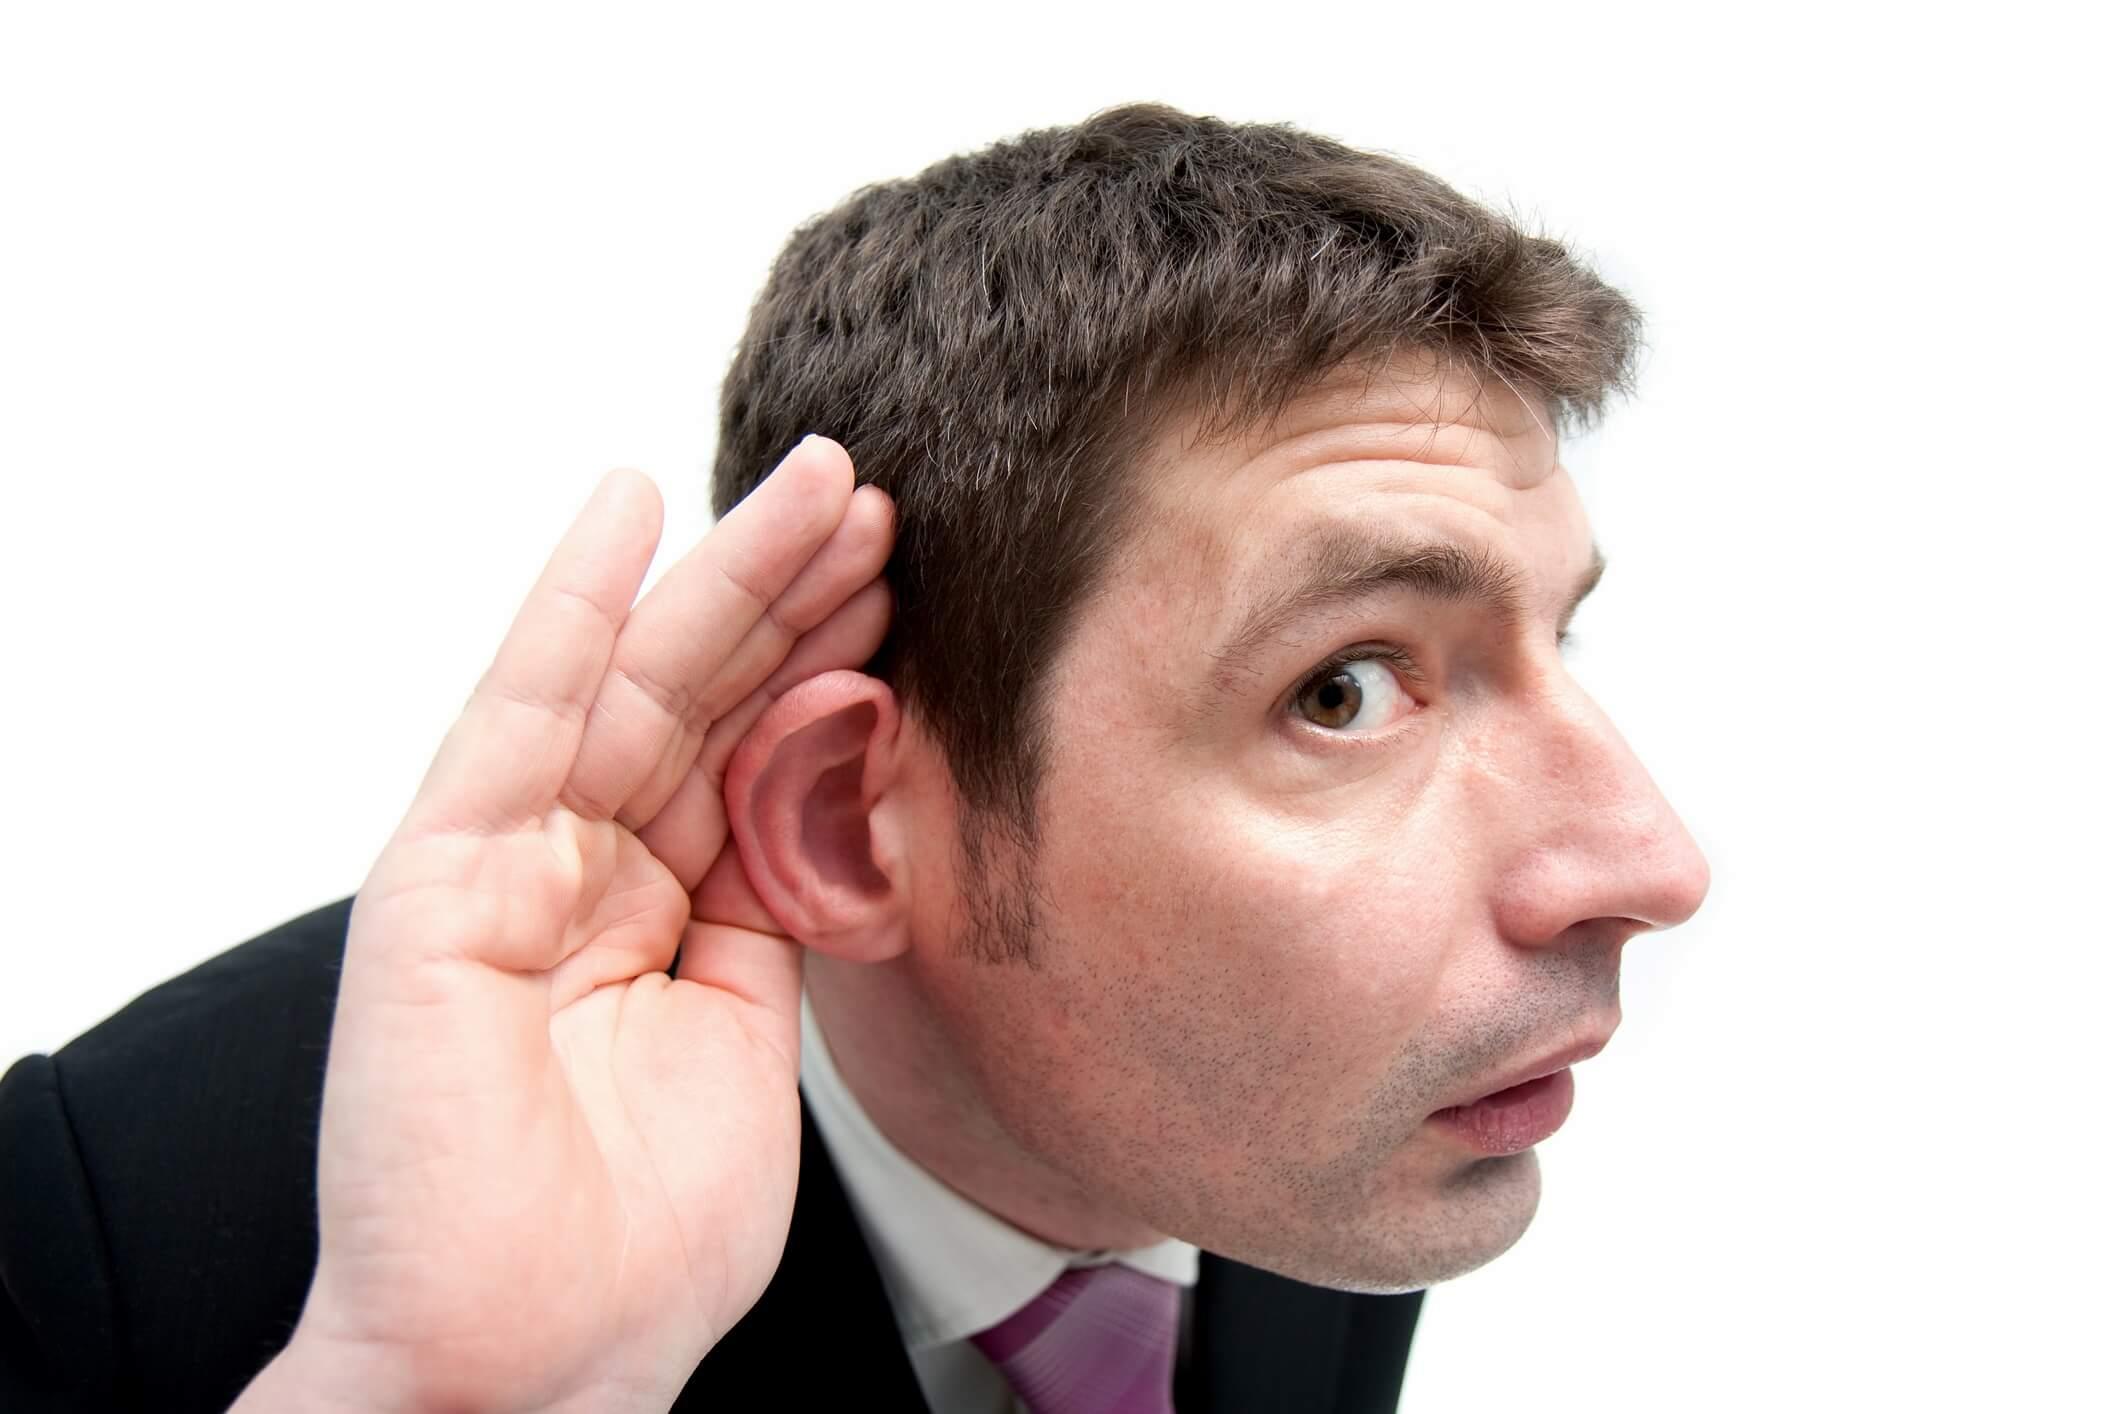 耳に手を当てて聞き返す男性